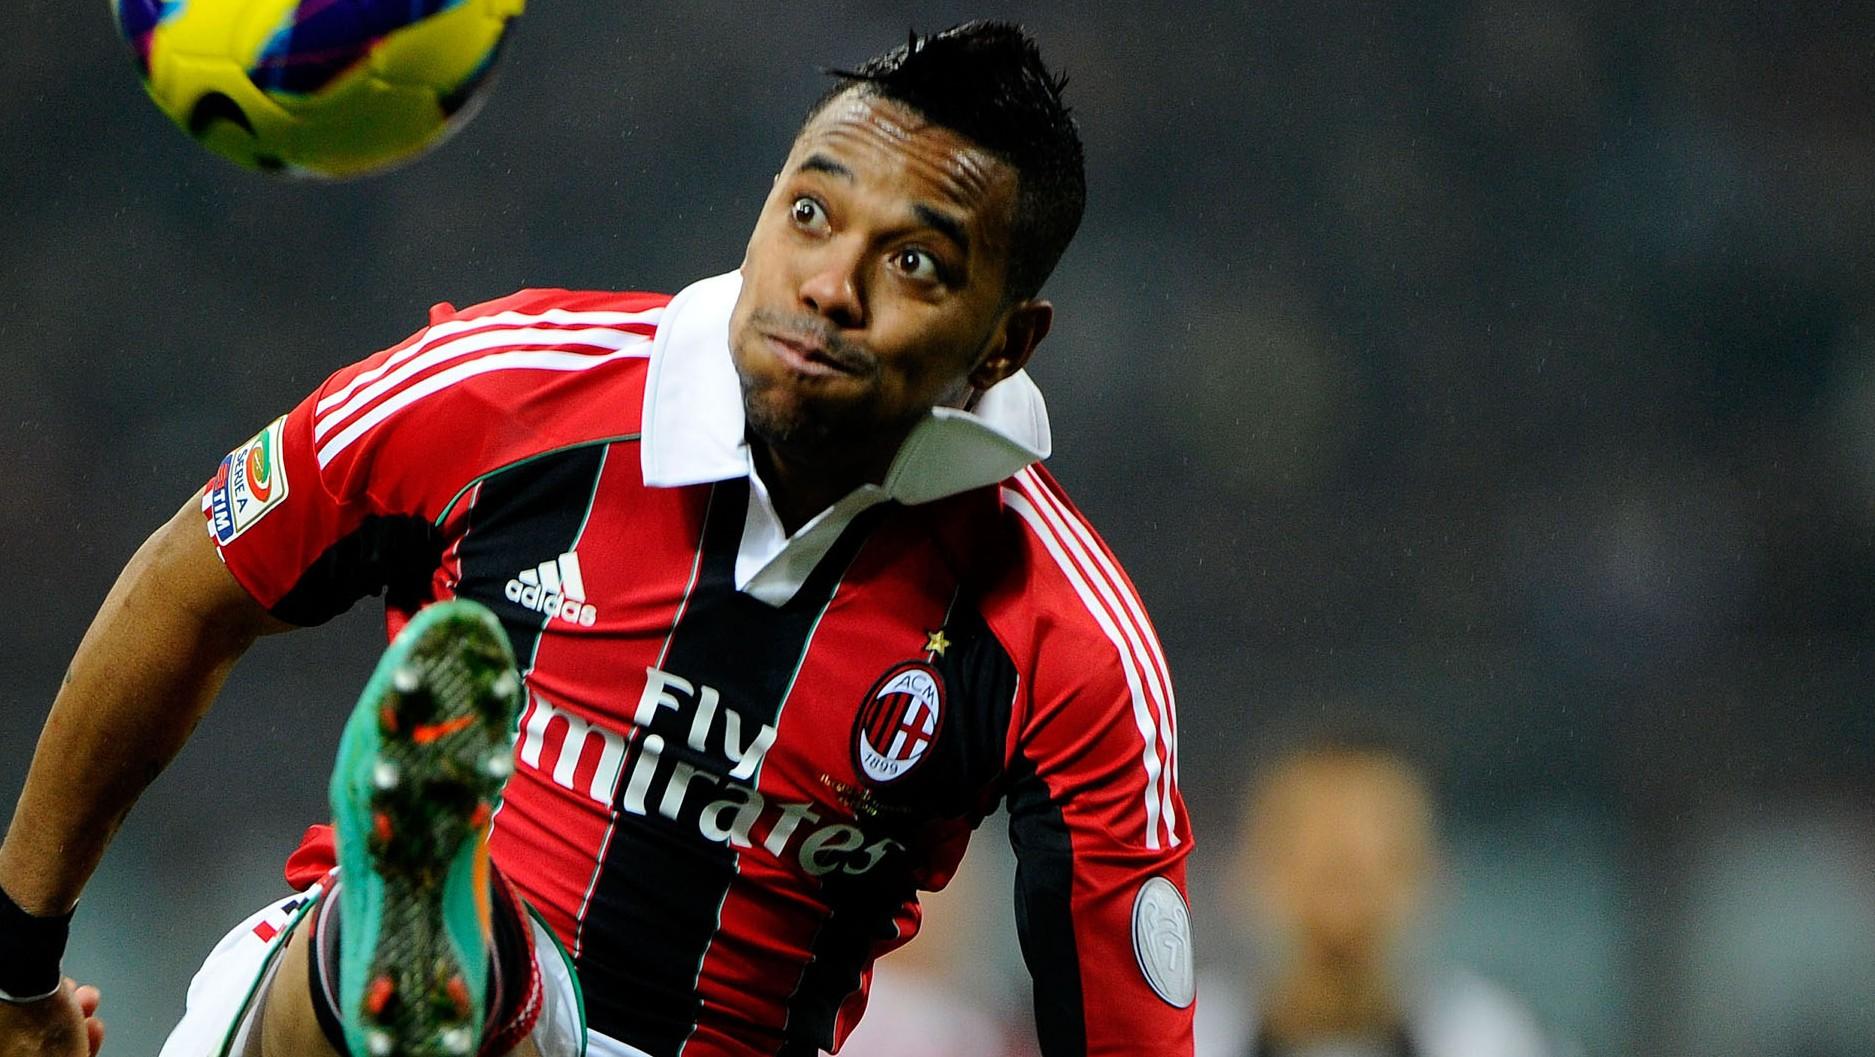 Milan-Pescara 4-1: nonostante una prestazione non brillante i rossoneri vincono con un risultato rotondo